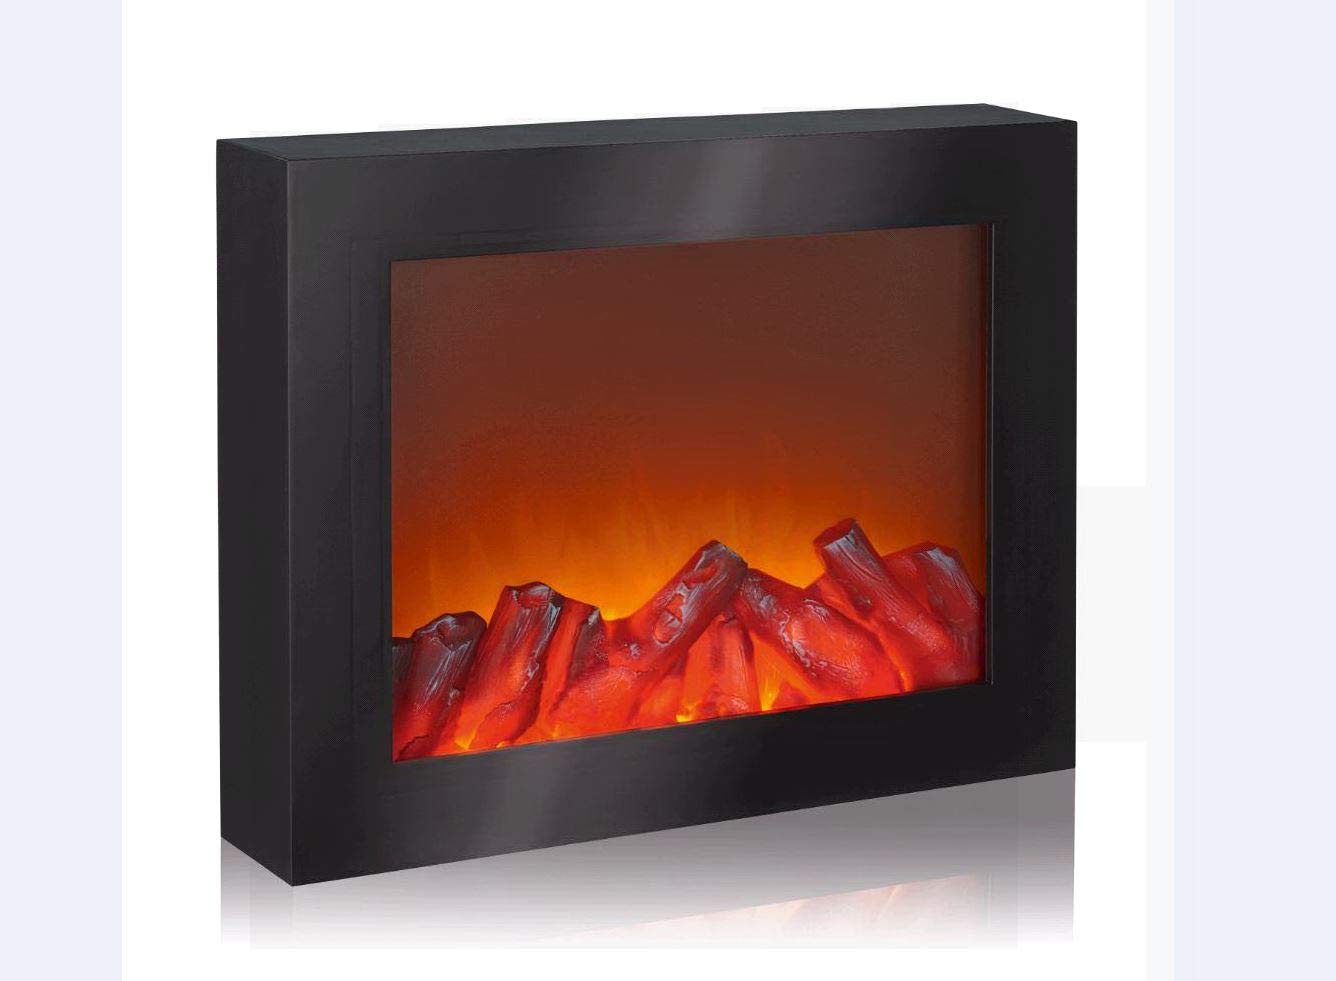 EASYmaxx 03422 LED-Kamin   Wandkamin   Deko-Kamin (Nur Kamin Optik)   Lodernde Flammen   Elektrischer Kamin   OHNE Heizfunktion   Timerfunktion   Kabellos   Schwarz DS-Produkte